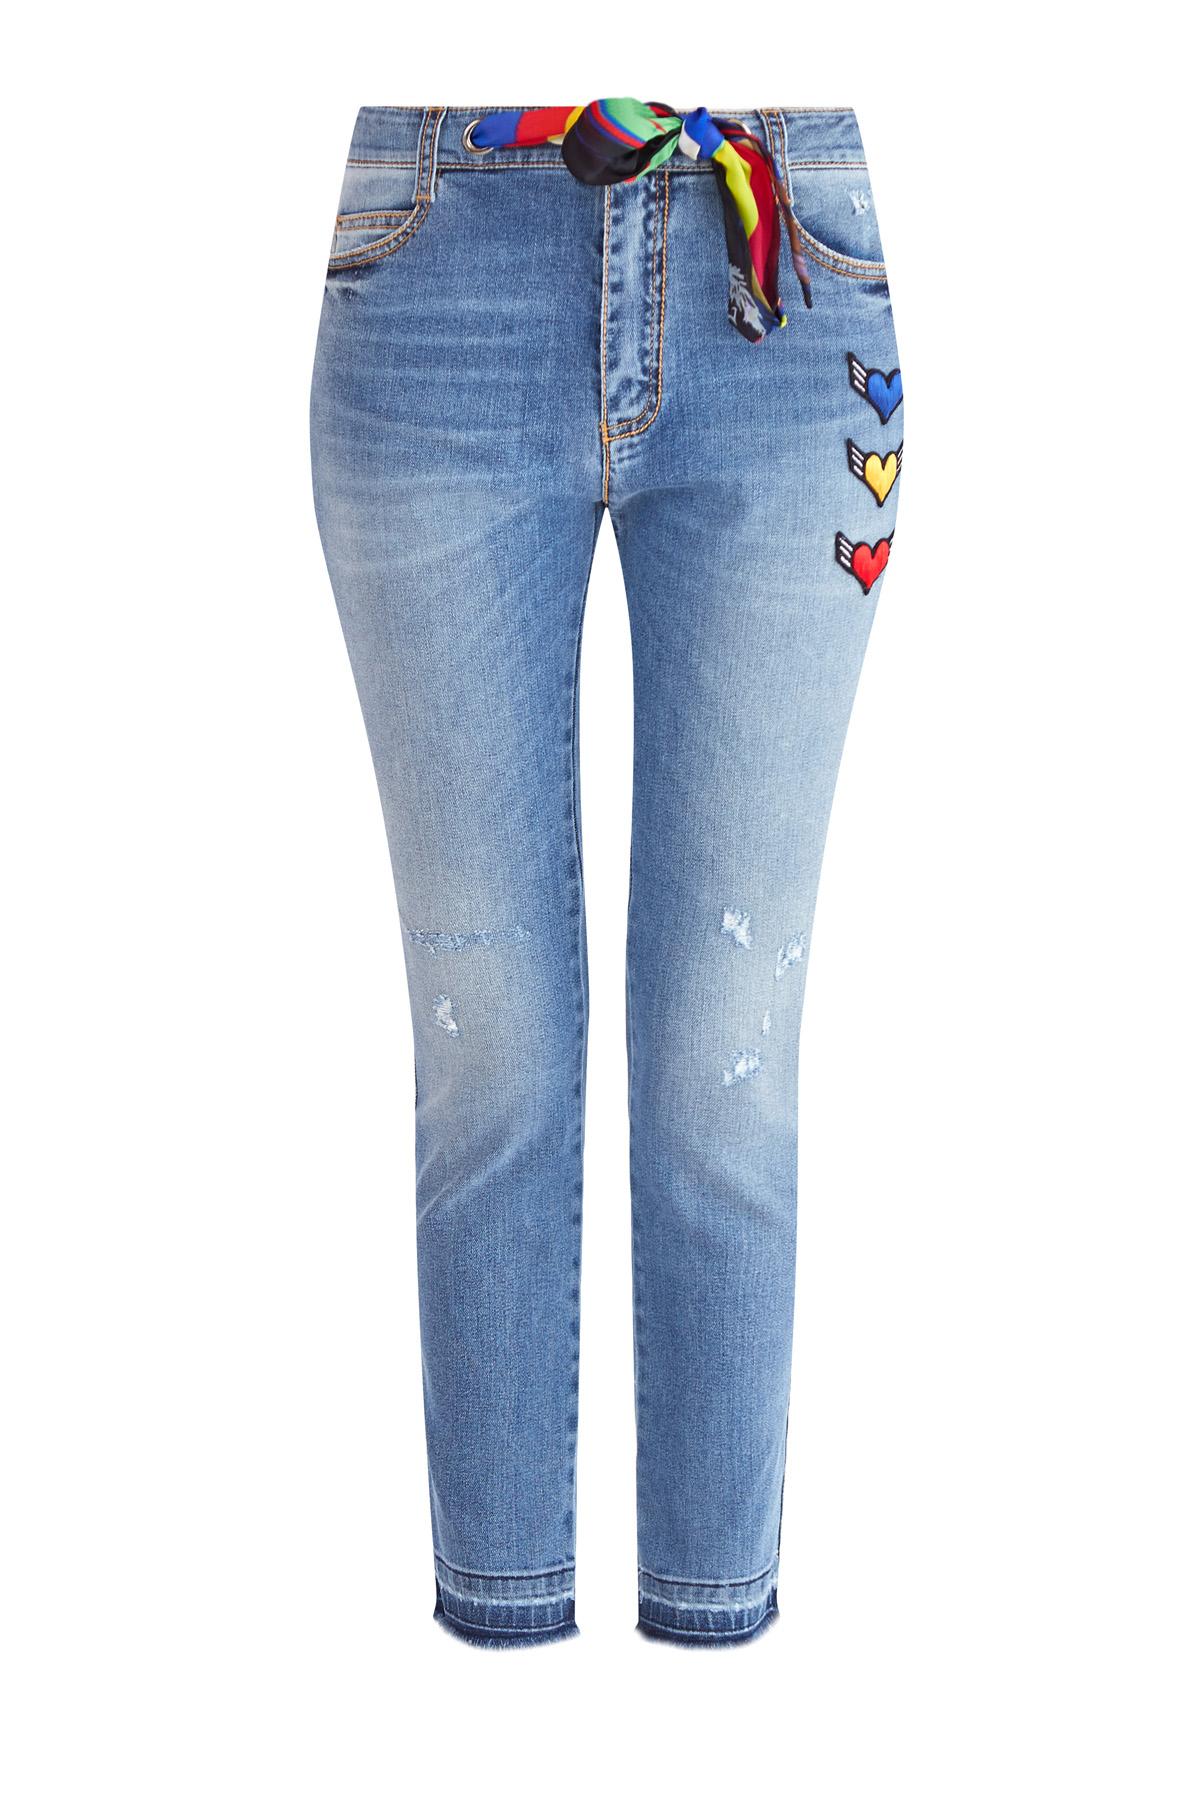 Укороченные джинсы-скинни с поясом-платком и яркими патчами